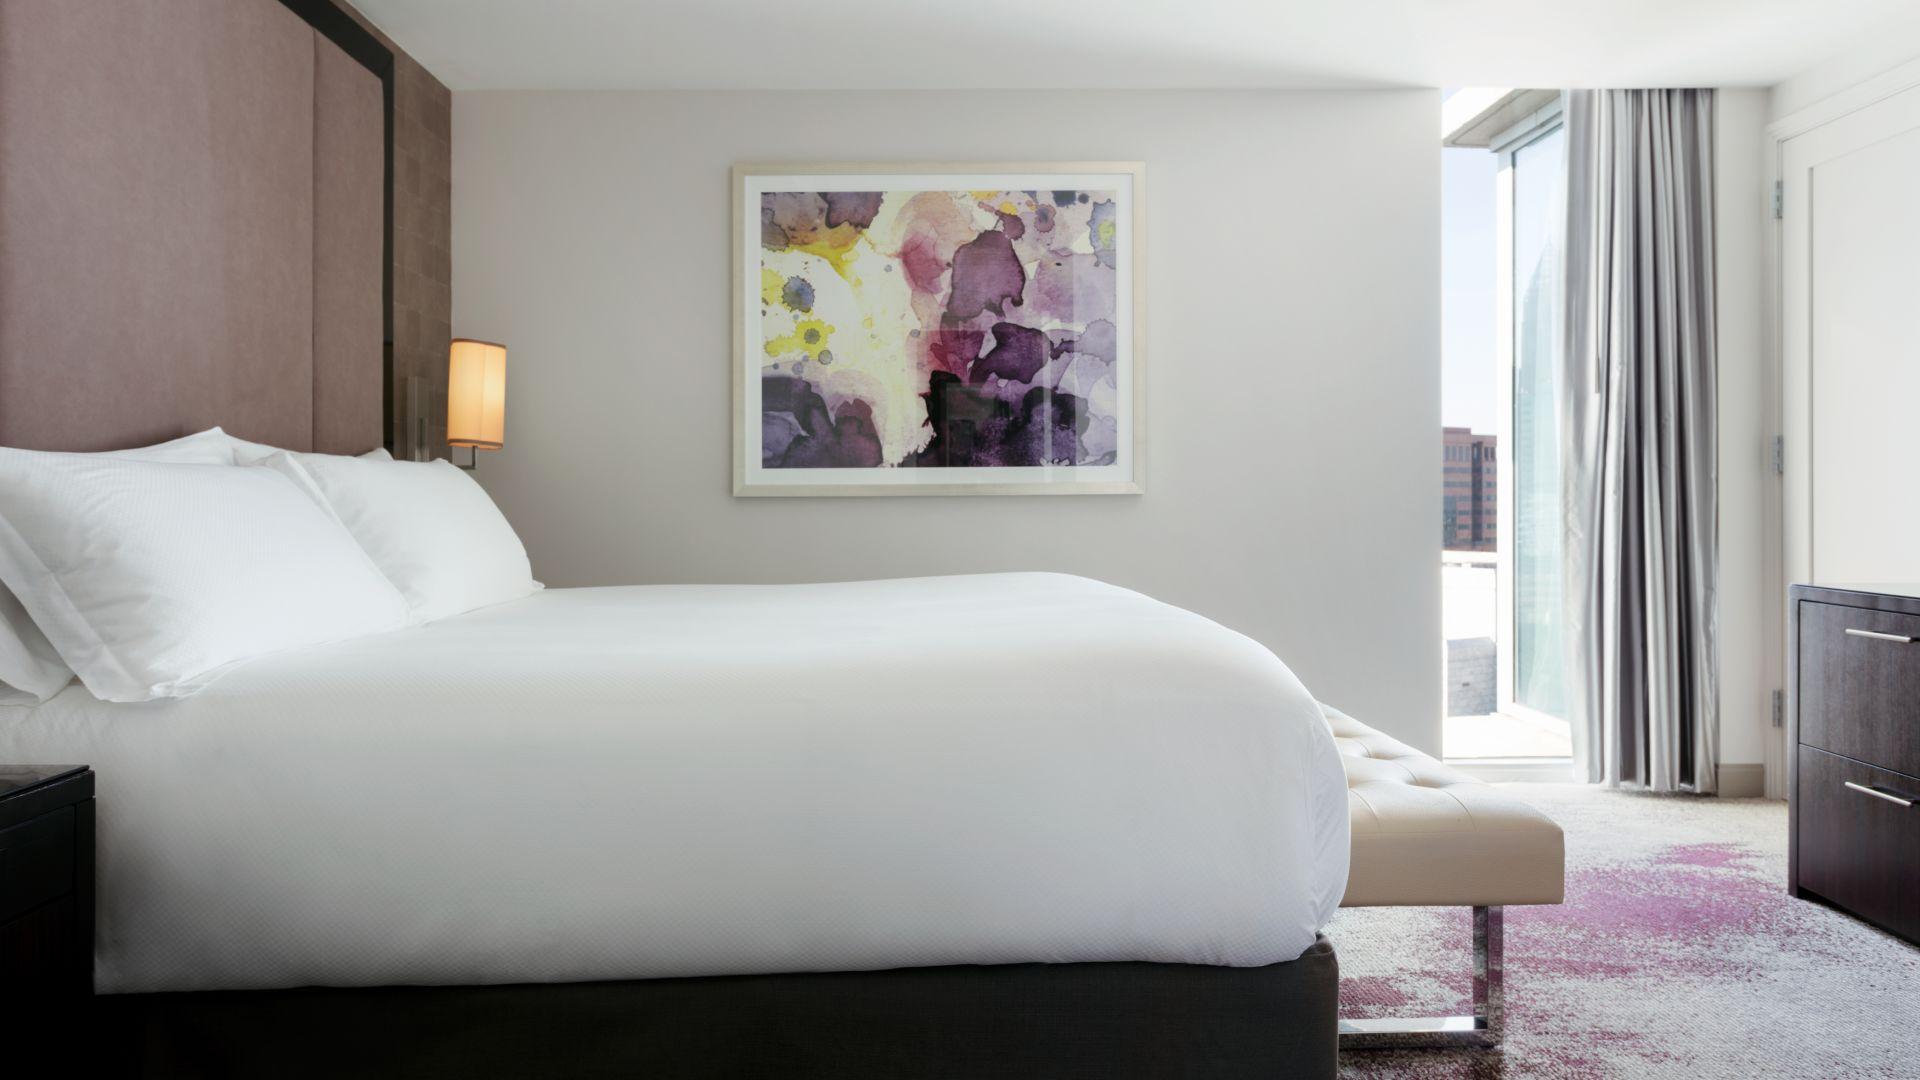 Habitación de la suite elegante de lujo